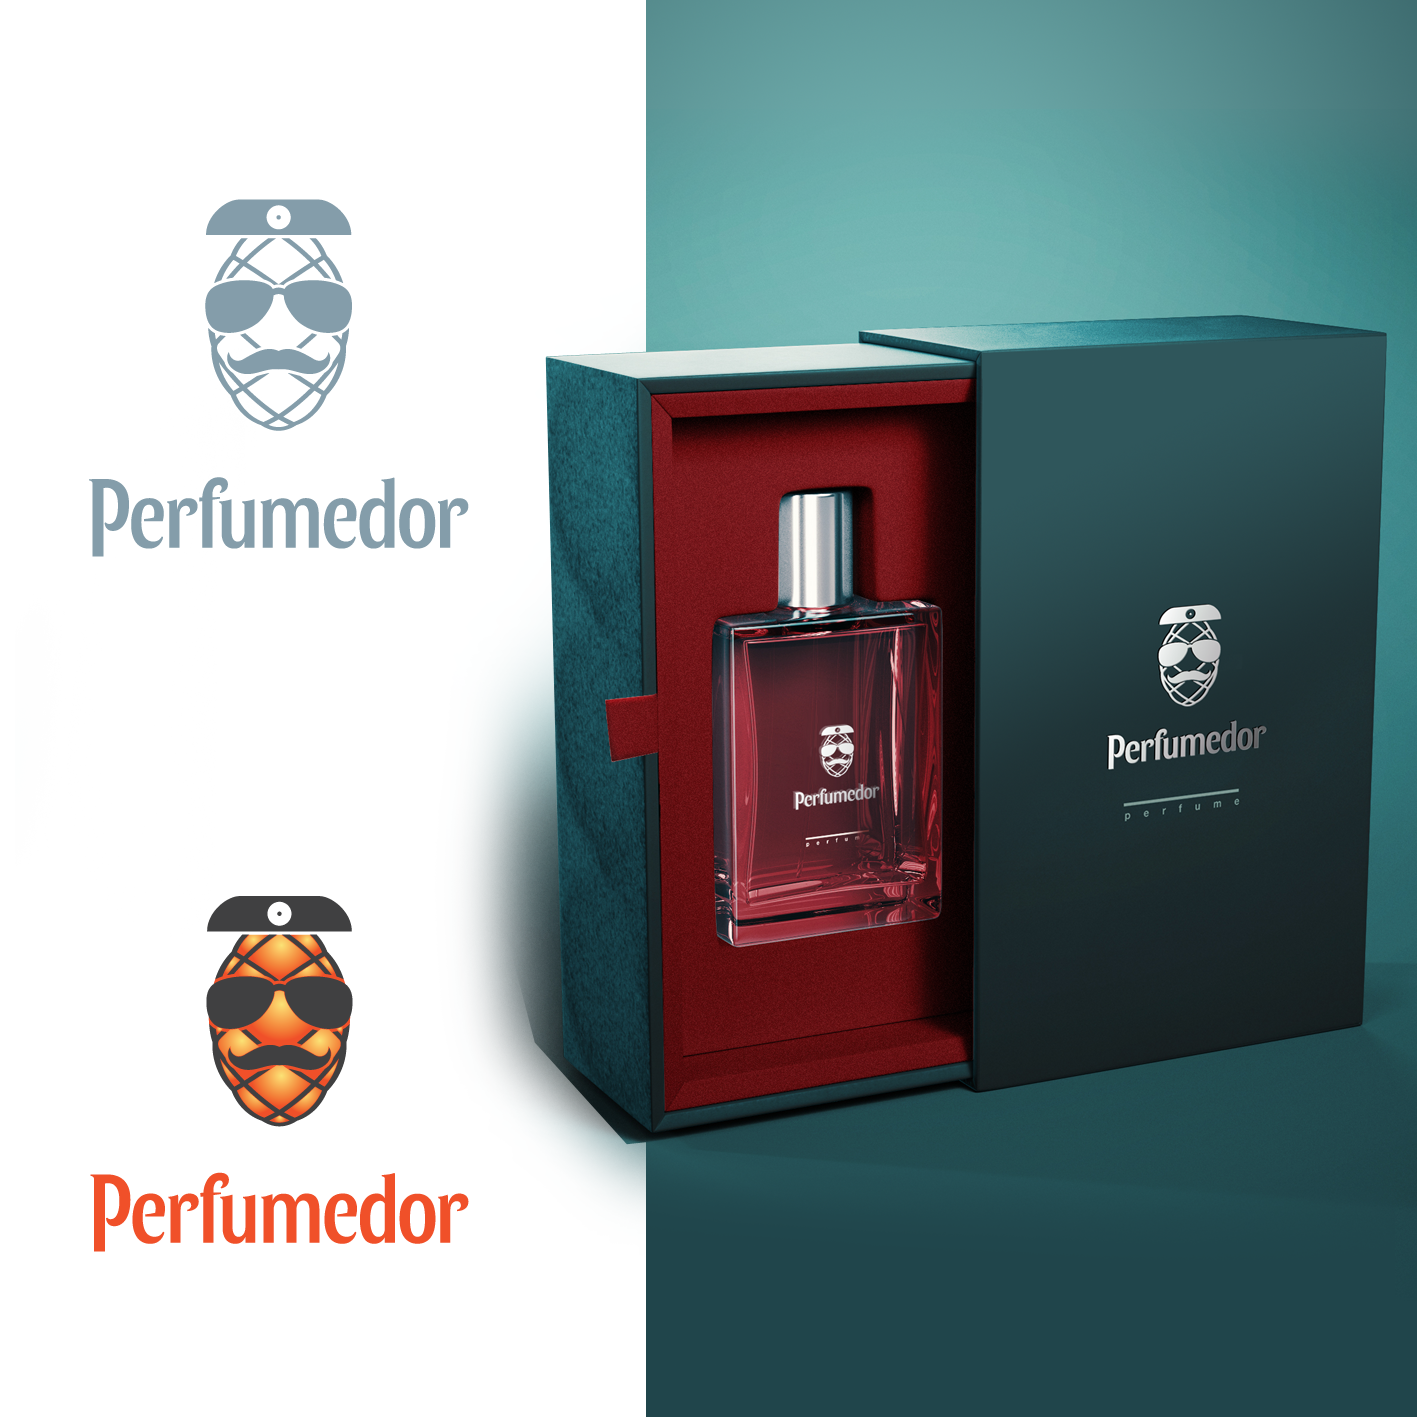 Логотип для интернет-магазина парфюмерии фото f_8585b45c69d409b0.png